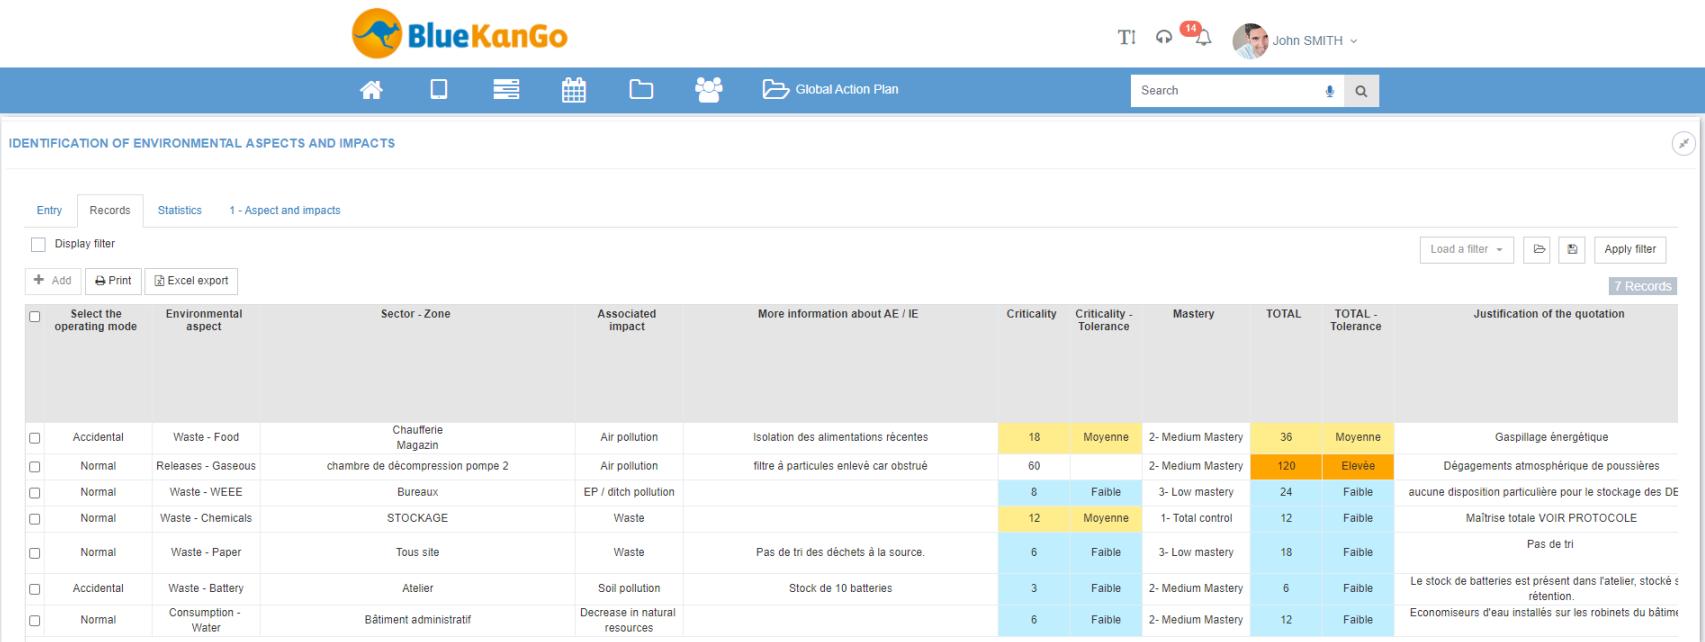 Screenshot about identification of environnental aspects and impact by BlueKanGo